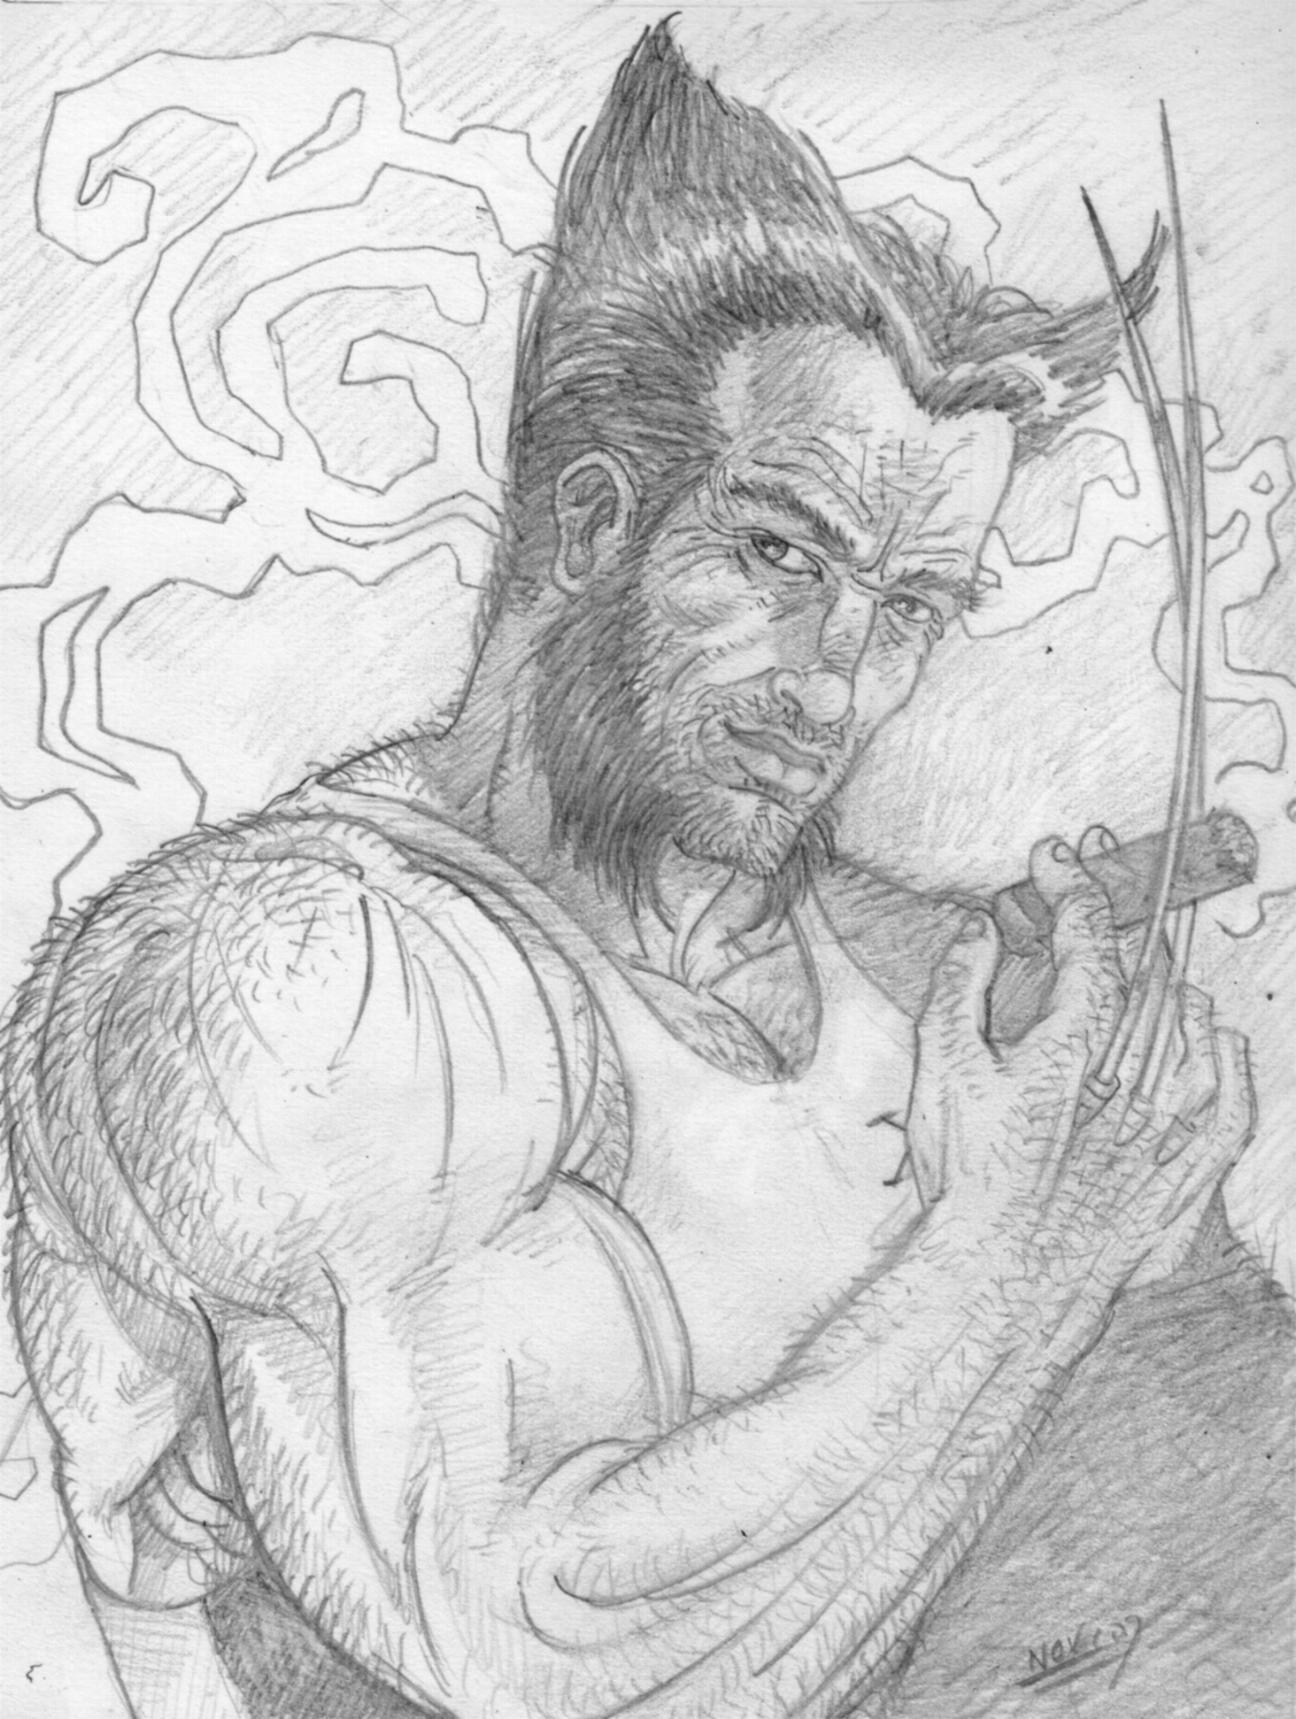 C novel dessins archive du blog wolverine - Dessin wolverine ...